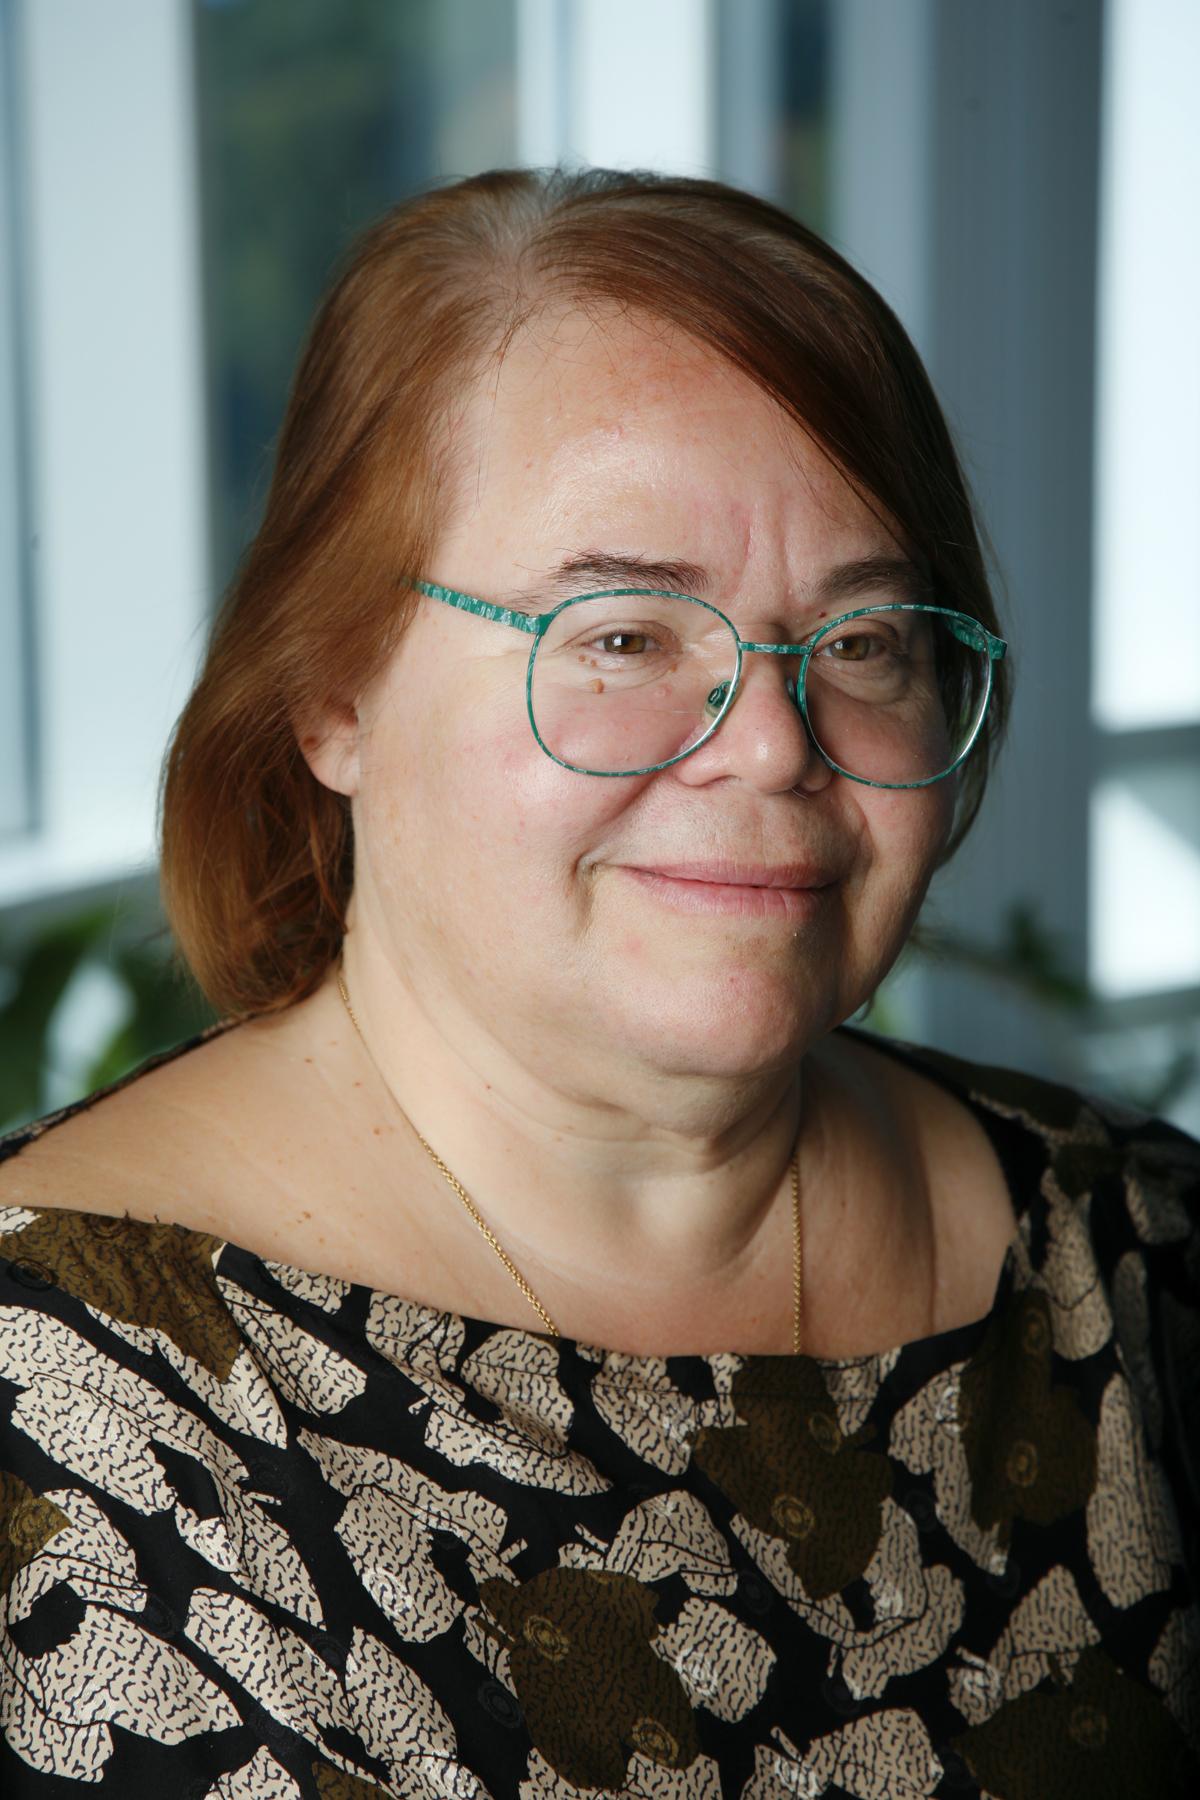 image of Eve Marder